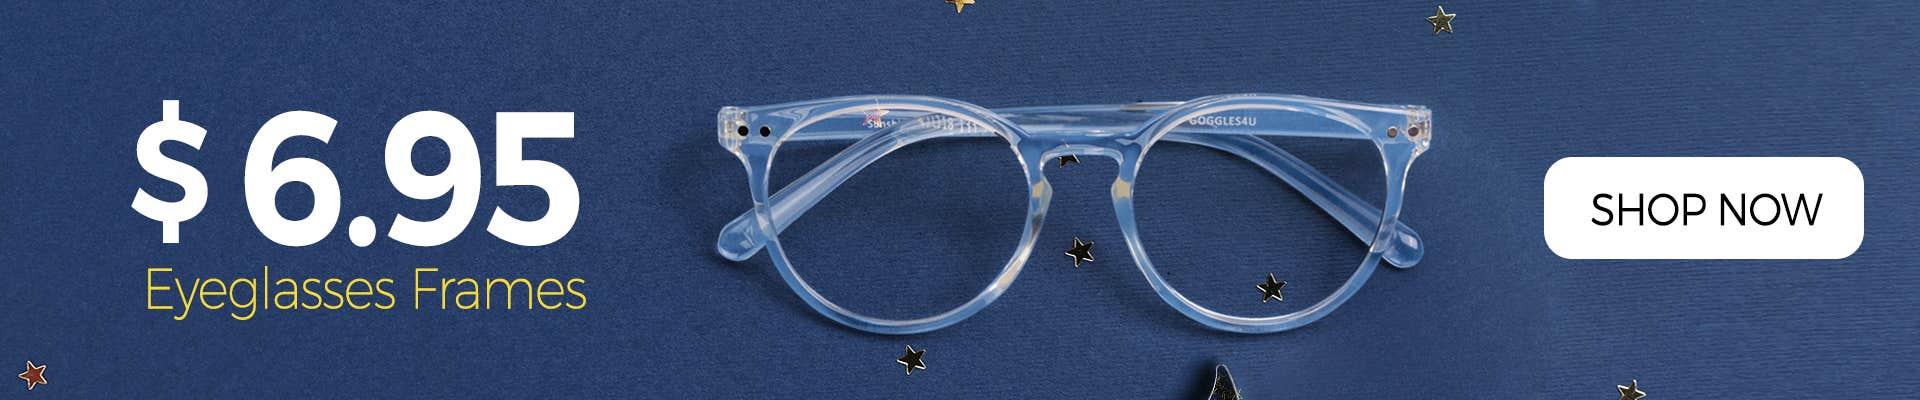 Buy Glasses For $6.95